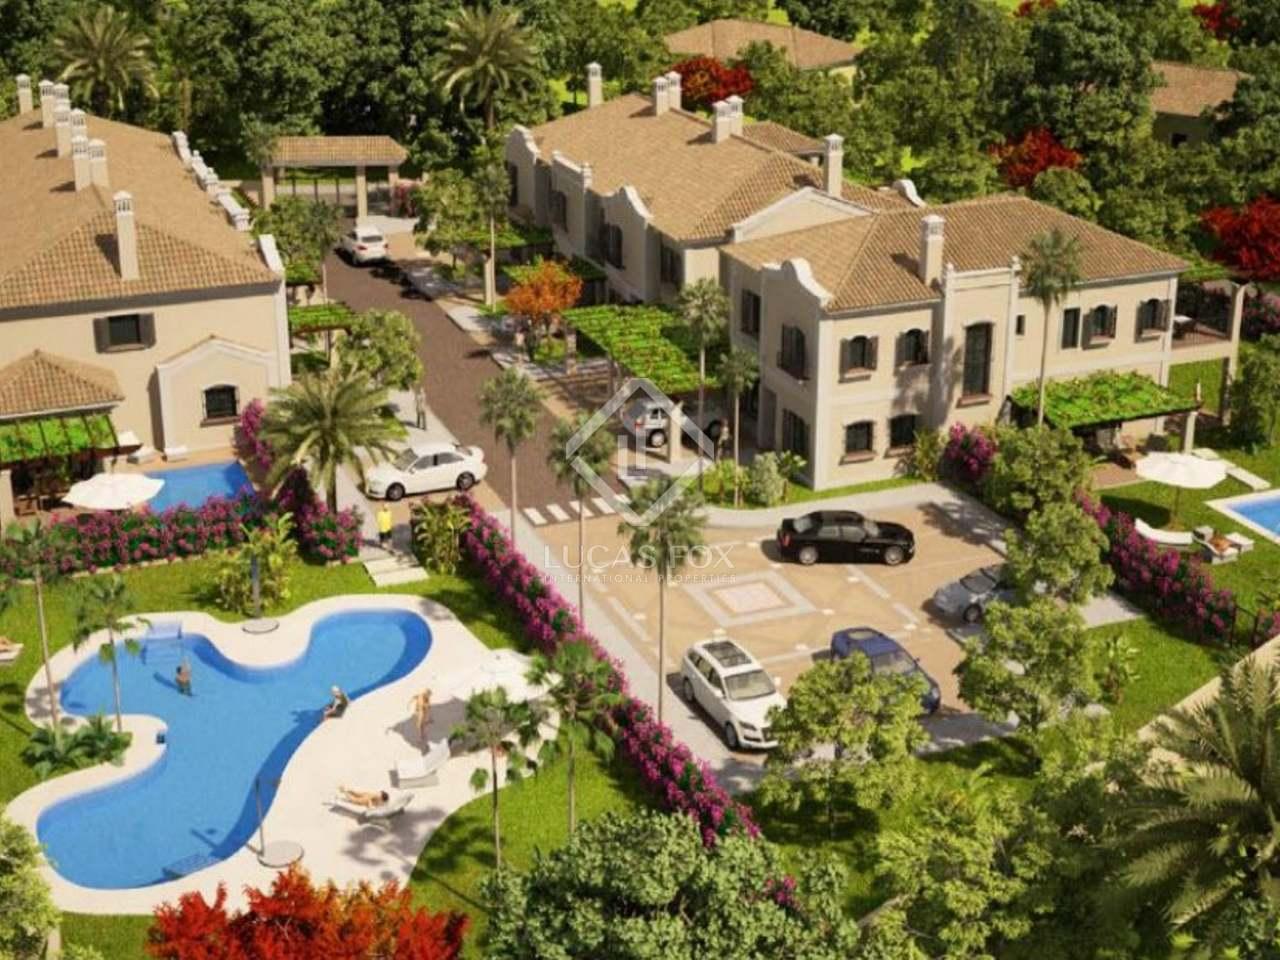 Promoci n nueva de lujo en guadalmina baja marbella - Casas de lujo en marbella ...